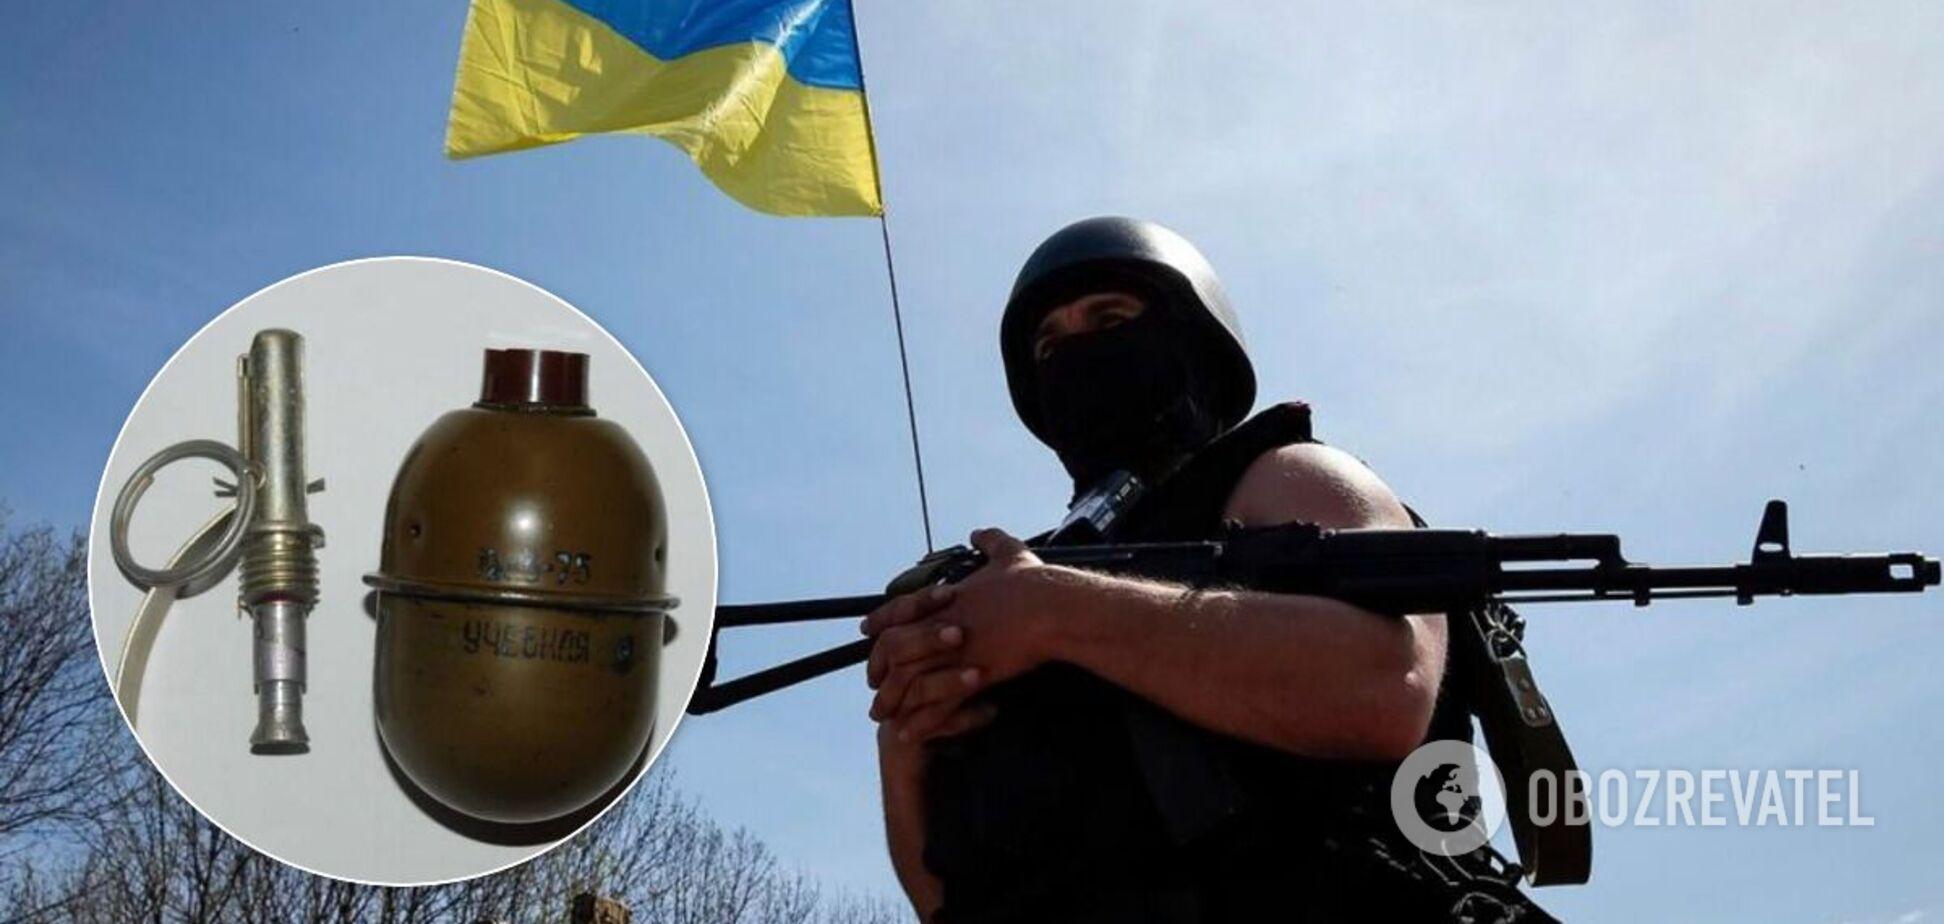 Троє військових підірвалися на Донбасі, двоє з них – біля Шумів